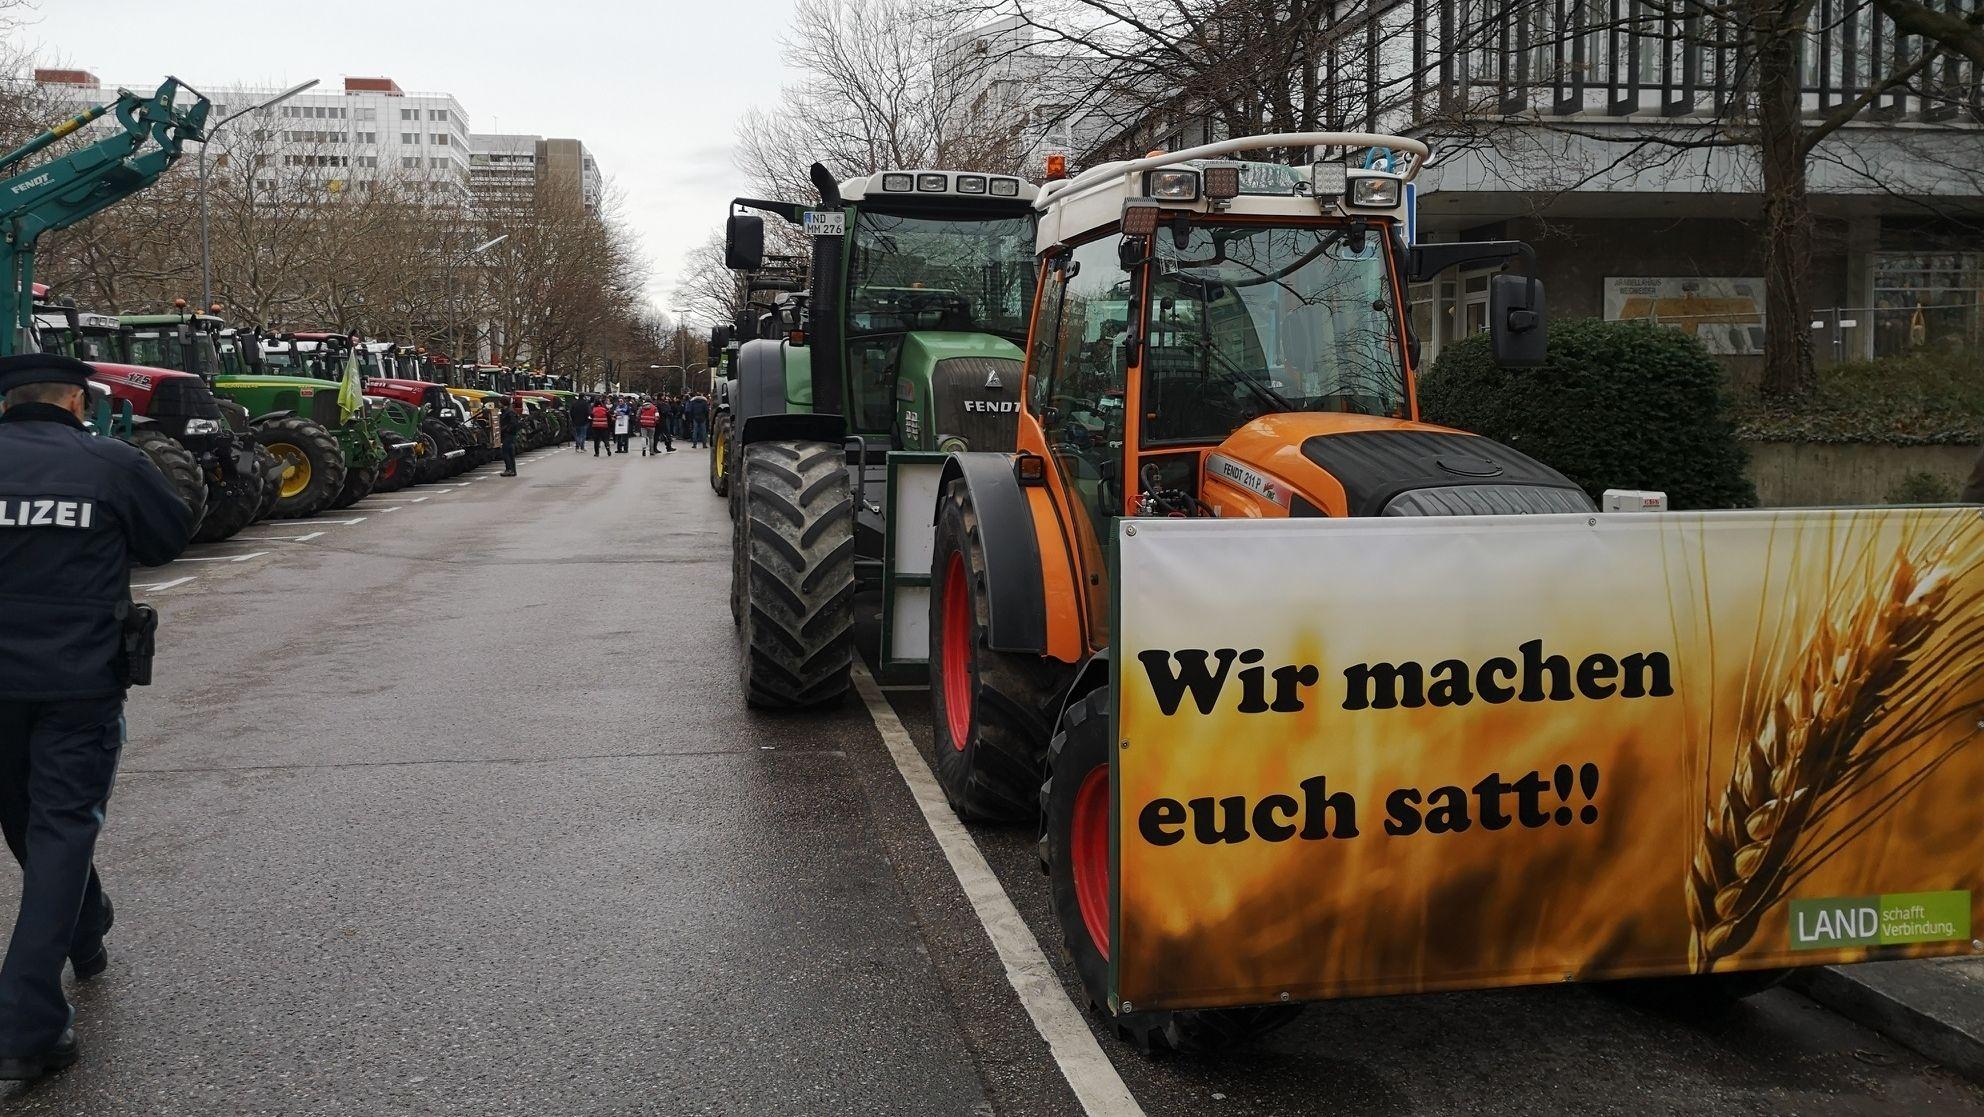 """Landwirte-Demo in München: Dabei hängt an einem Traktor ein Plakat mit der Aufschrift"""" Wir machen euch satt!!"""